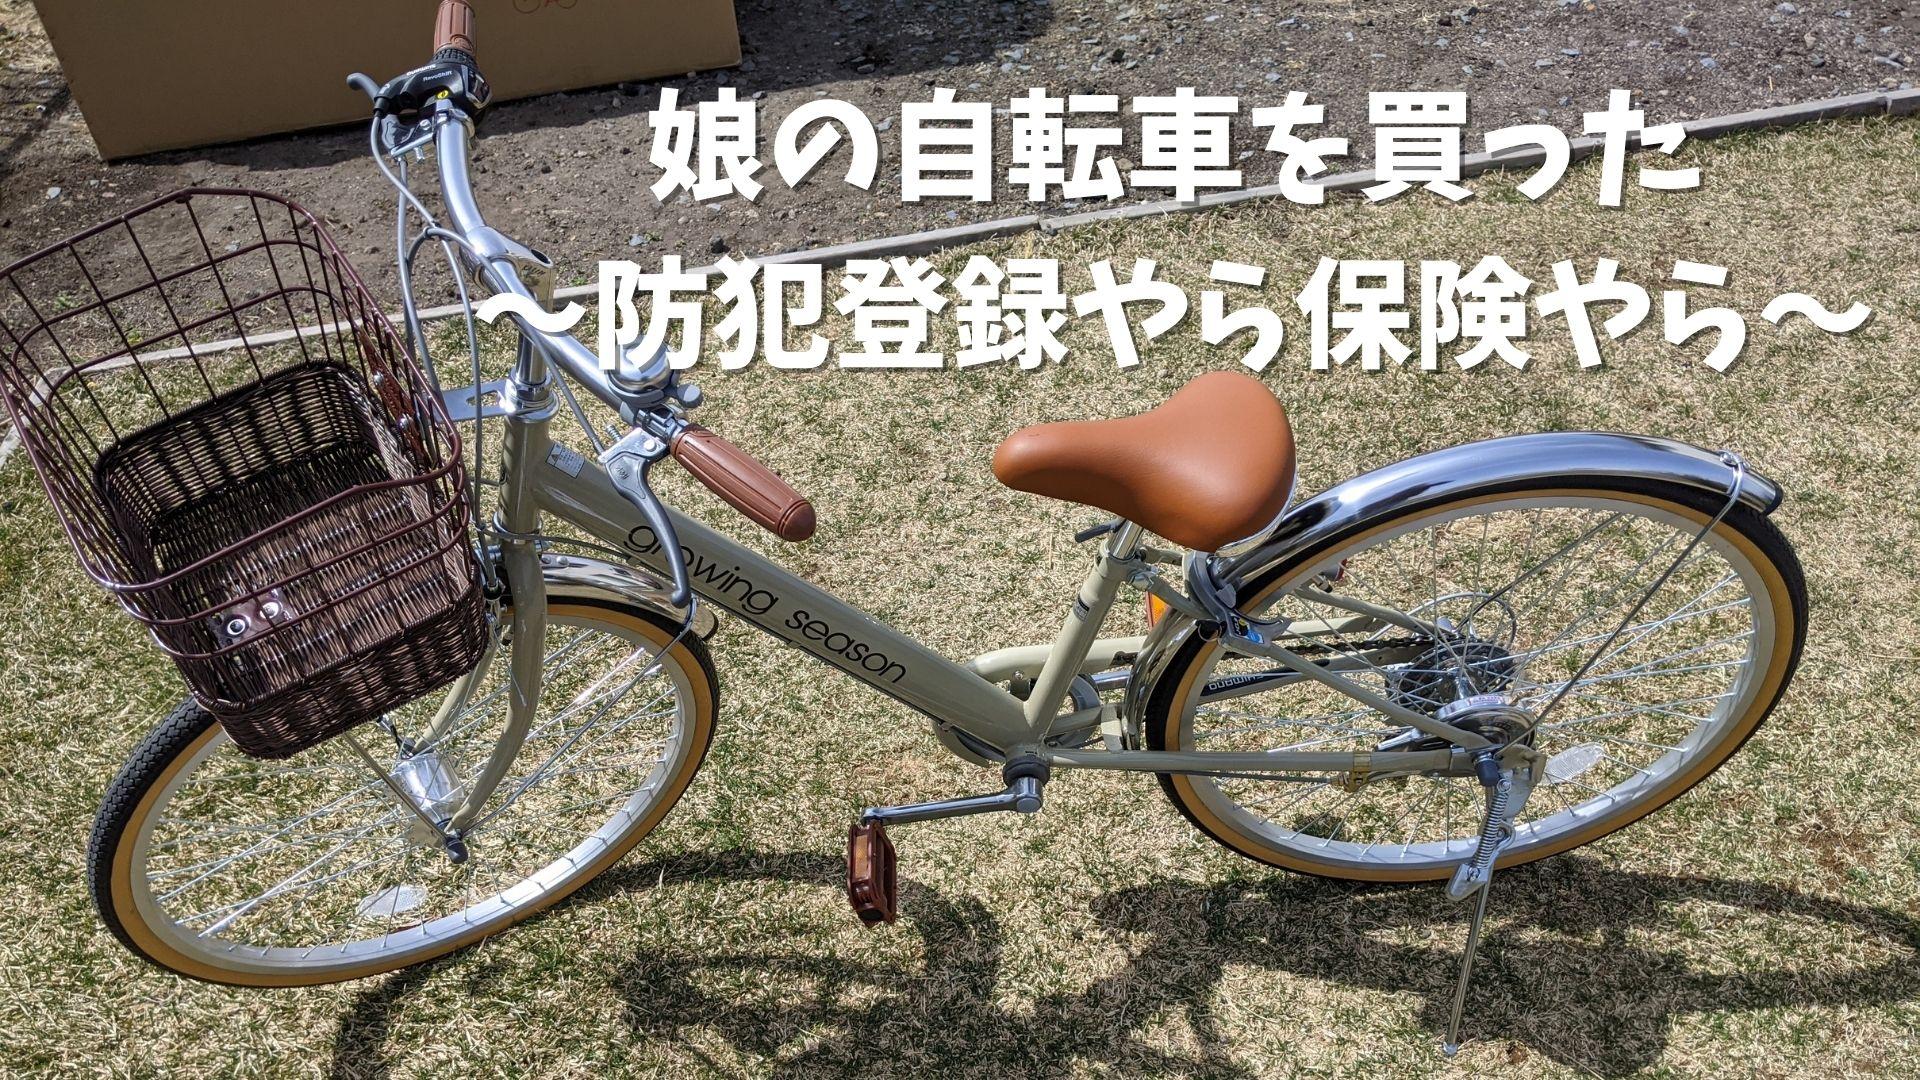 娘の自転車を買った ~防犯登録やら保険やら~